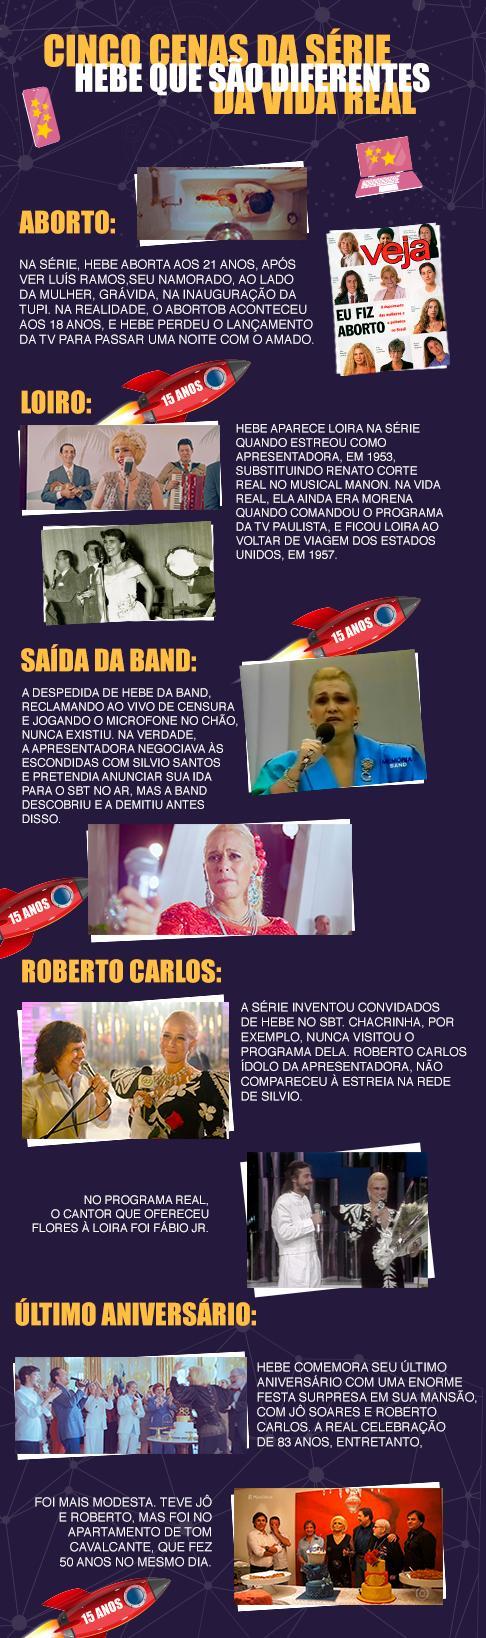 Hebe: Saiba o que é falso em série da Globo